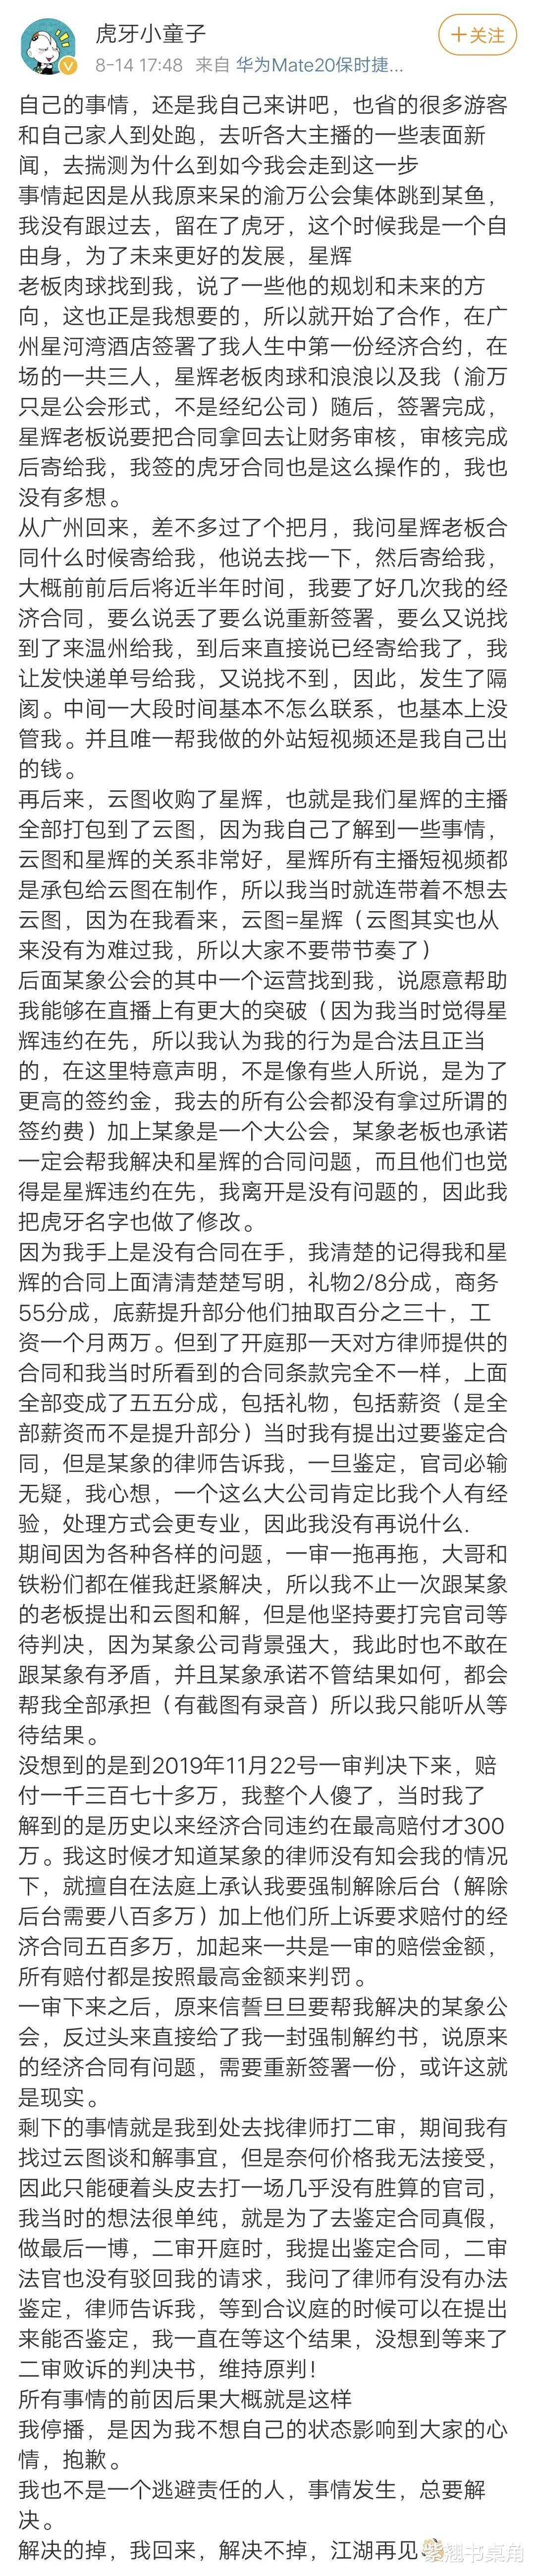 """王者荣耀:被工会坑1300万,虎牙童子强势回归!""""大气层赵云""""参见!插图4"""